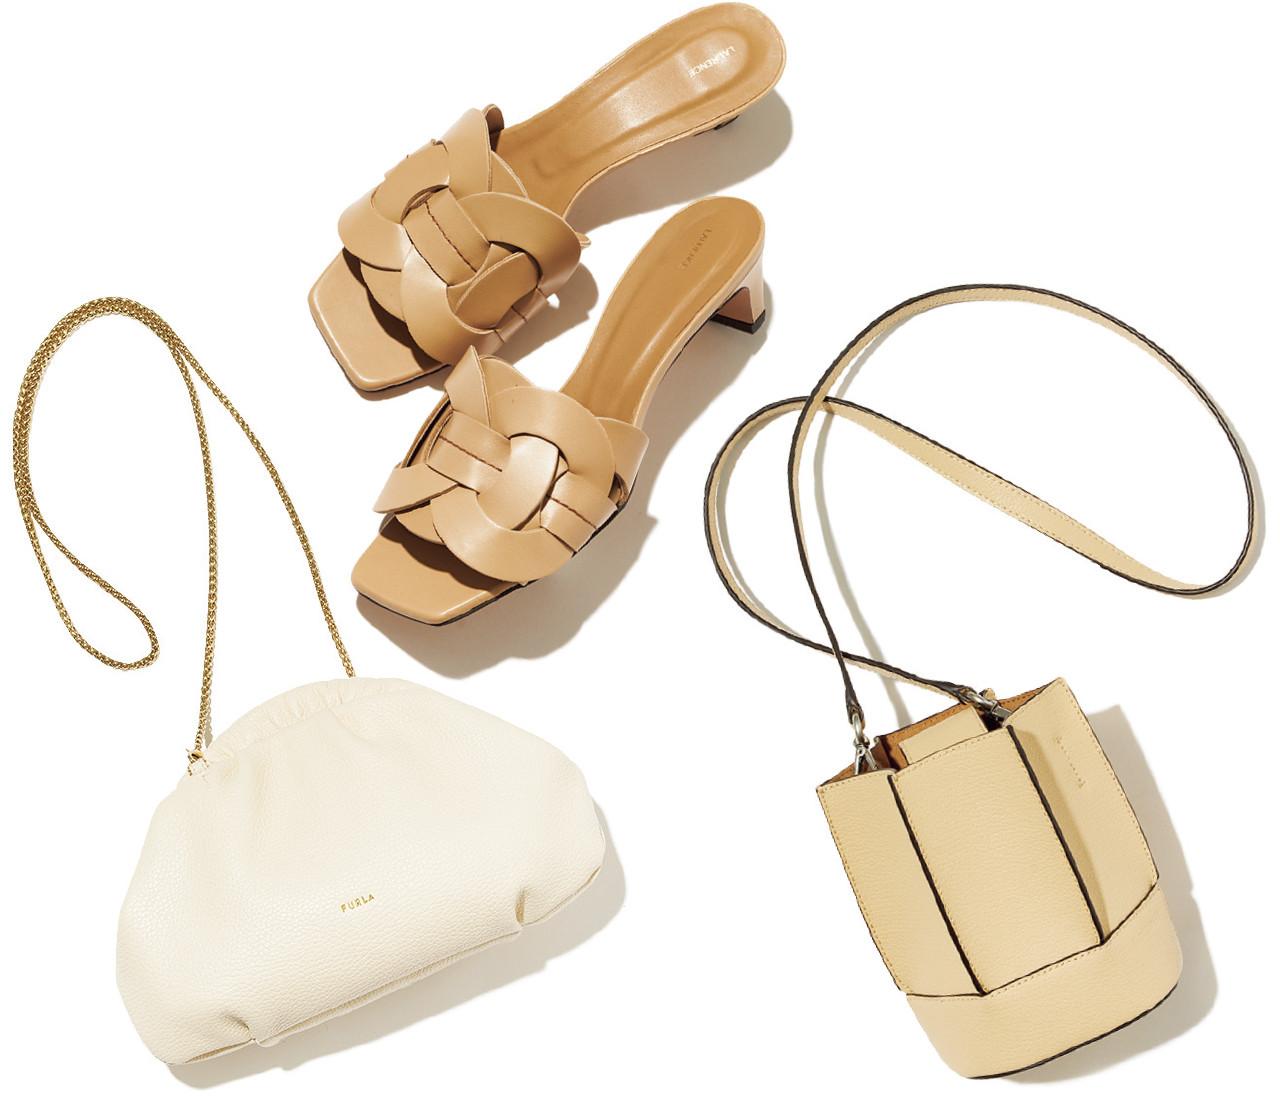 【春の靴&バッグ図鑑】抜け感があって合わせやすい!白&ベージュのバッグ&靴8選